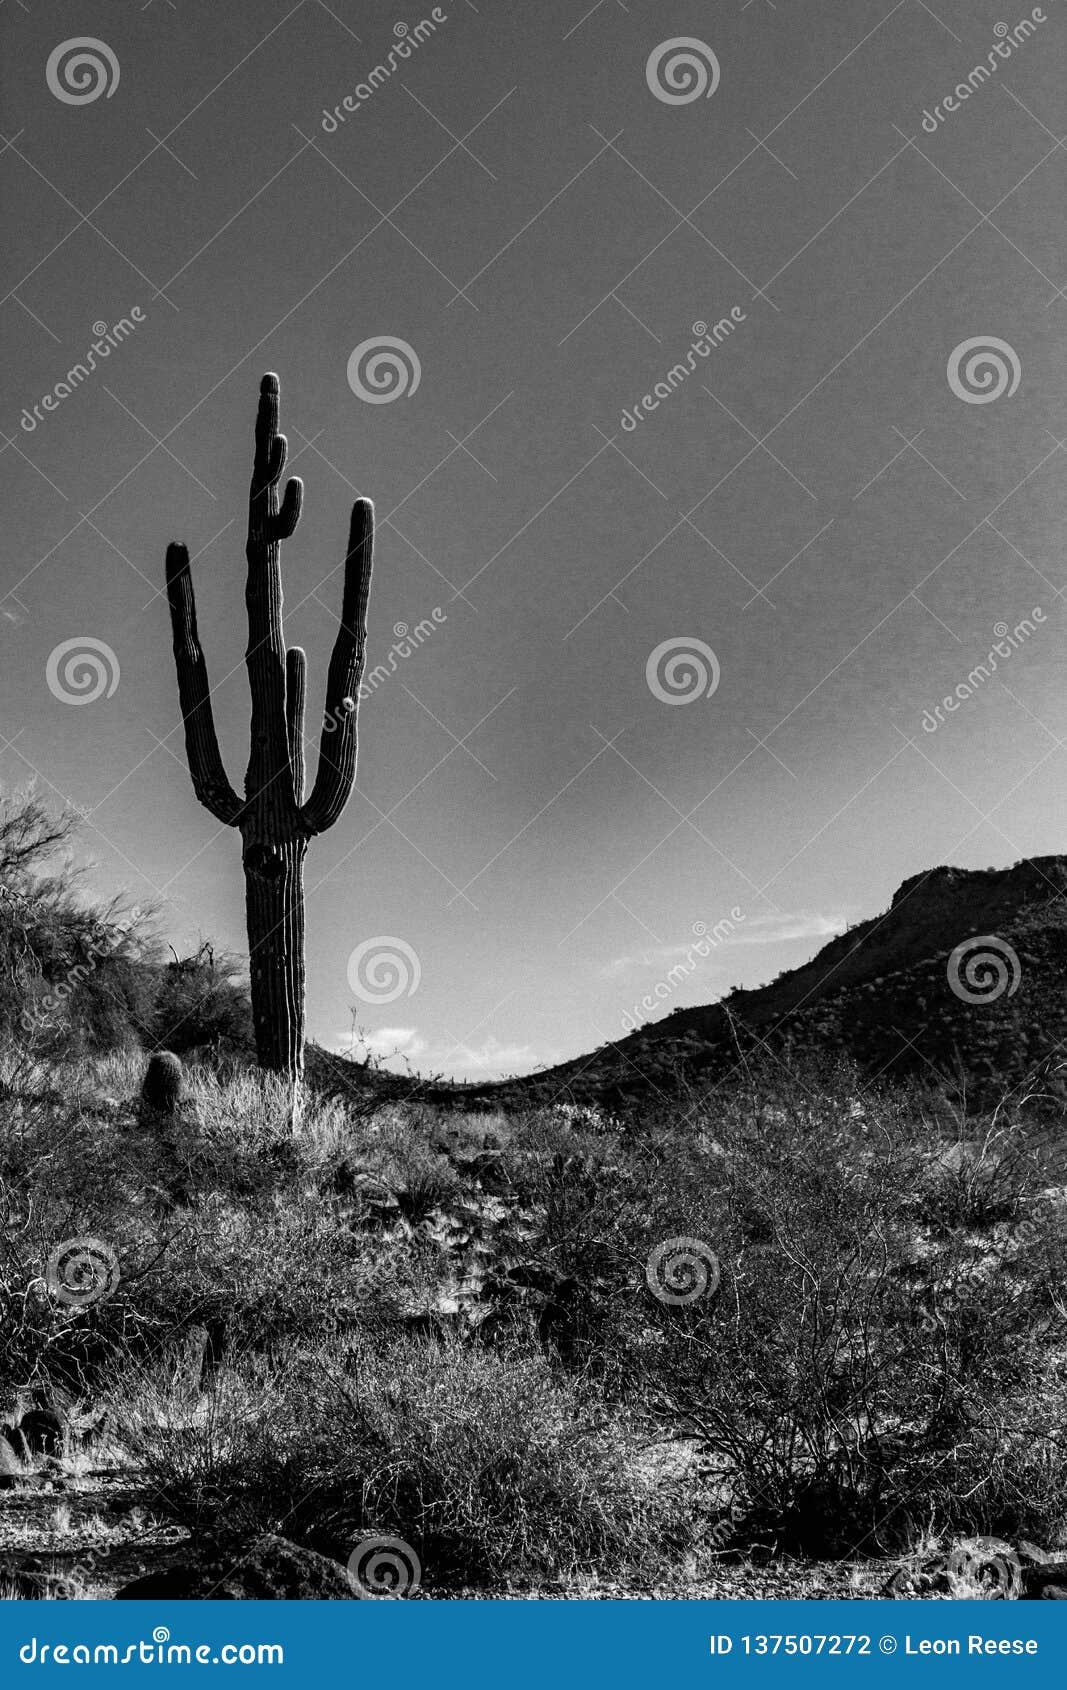 Ein schwermütiges, Schwarzweiss-Foto eines einzigen Saguaro-Kaktus in einem Tal zwischen zwei Hügeln